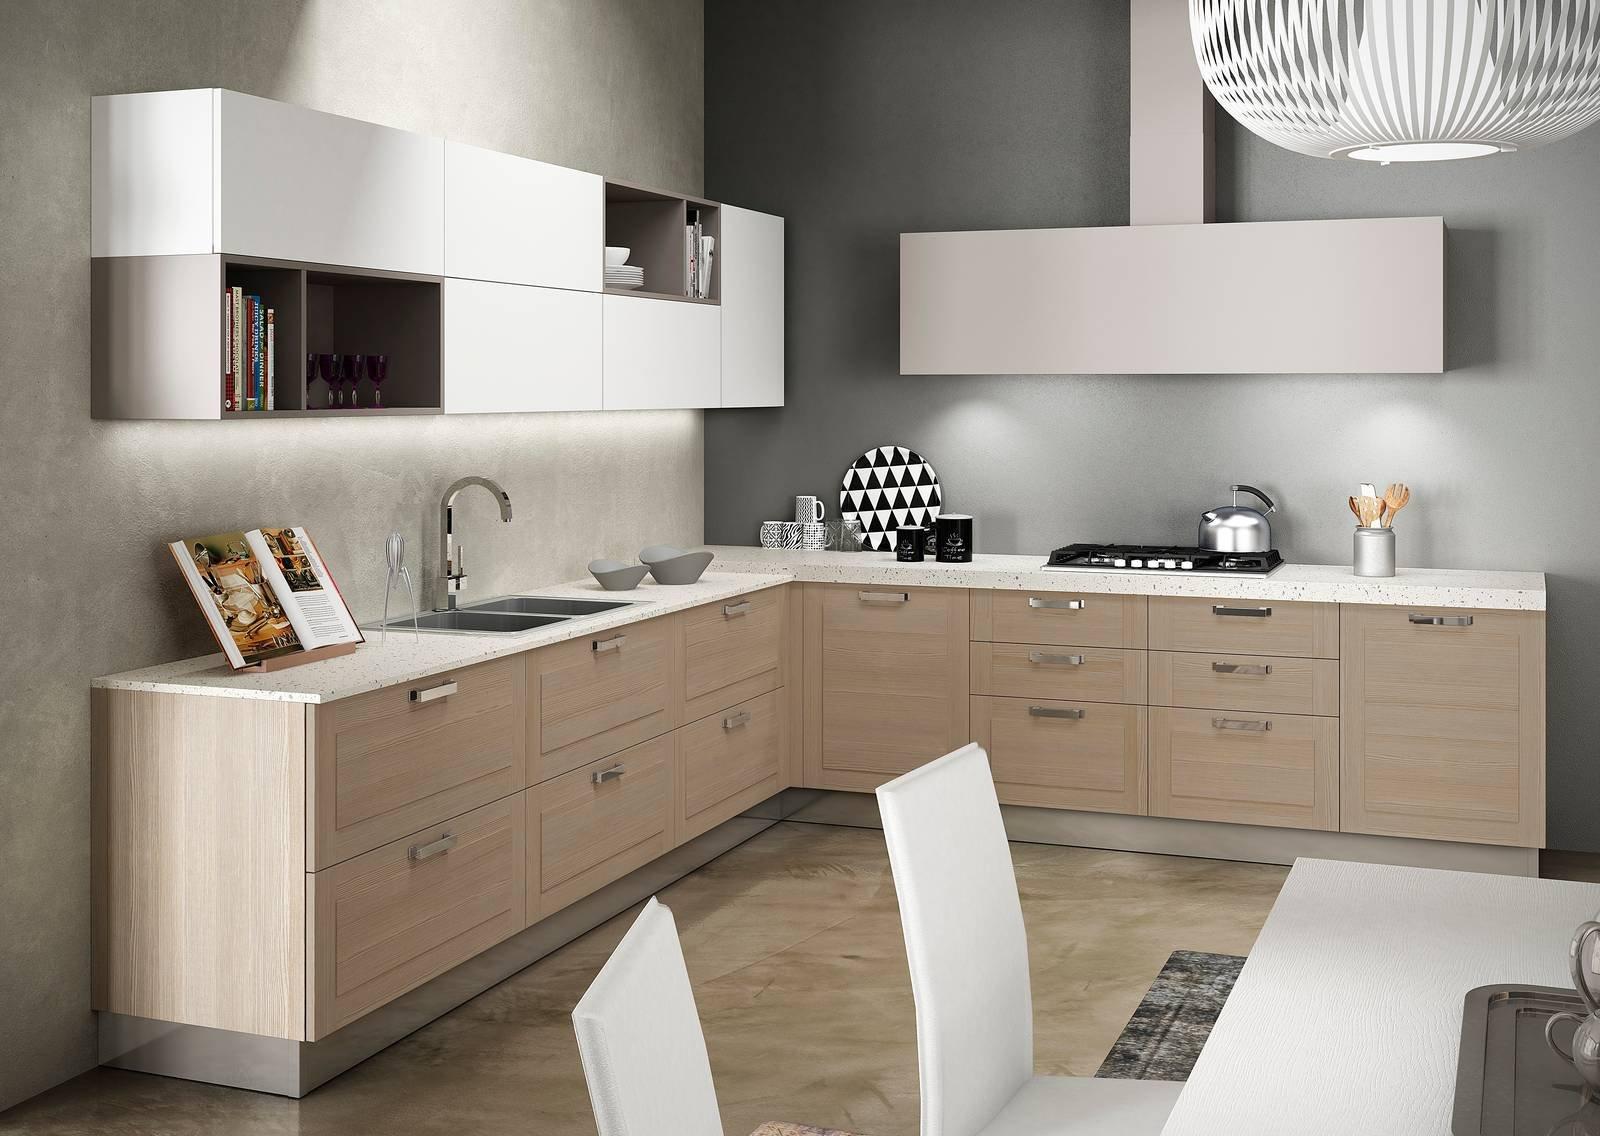 Cucine Berloni cucine berloni prezzi : 100+ [ Cucine Berloni In Offerta ] | Berloni Cucine Live The ...